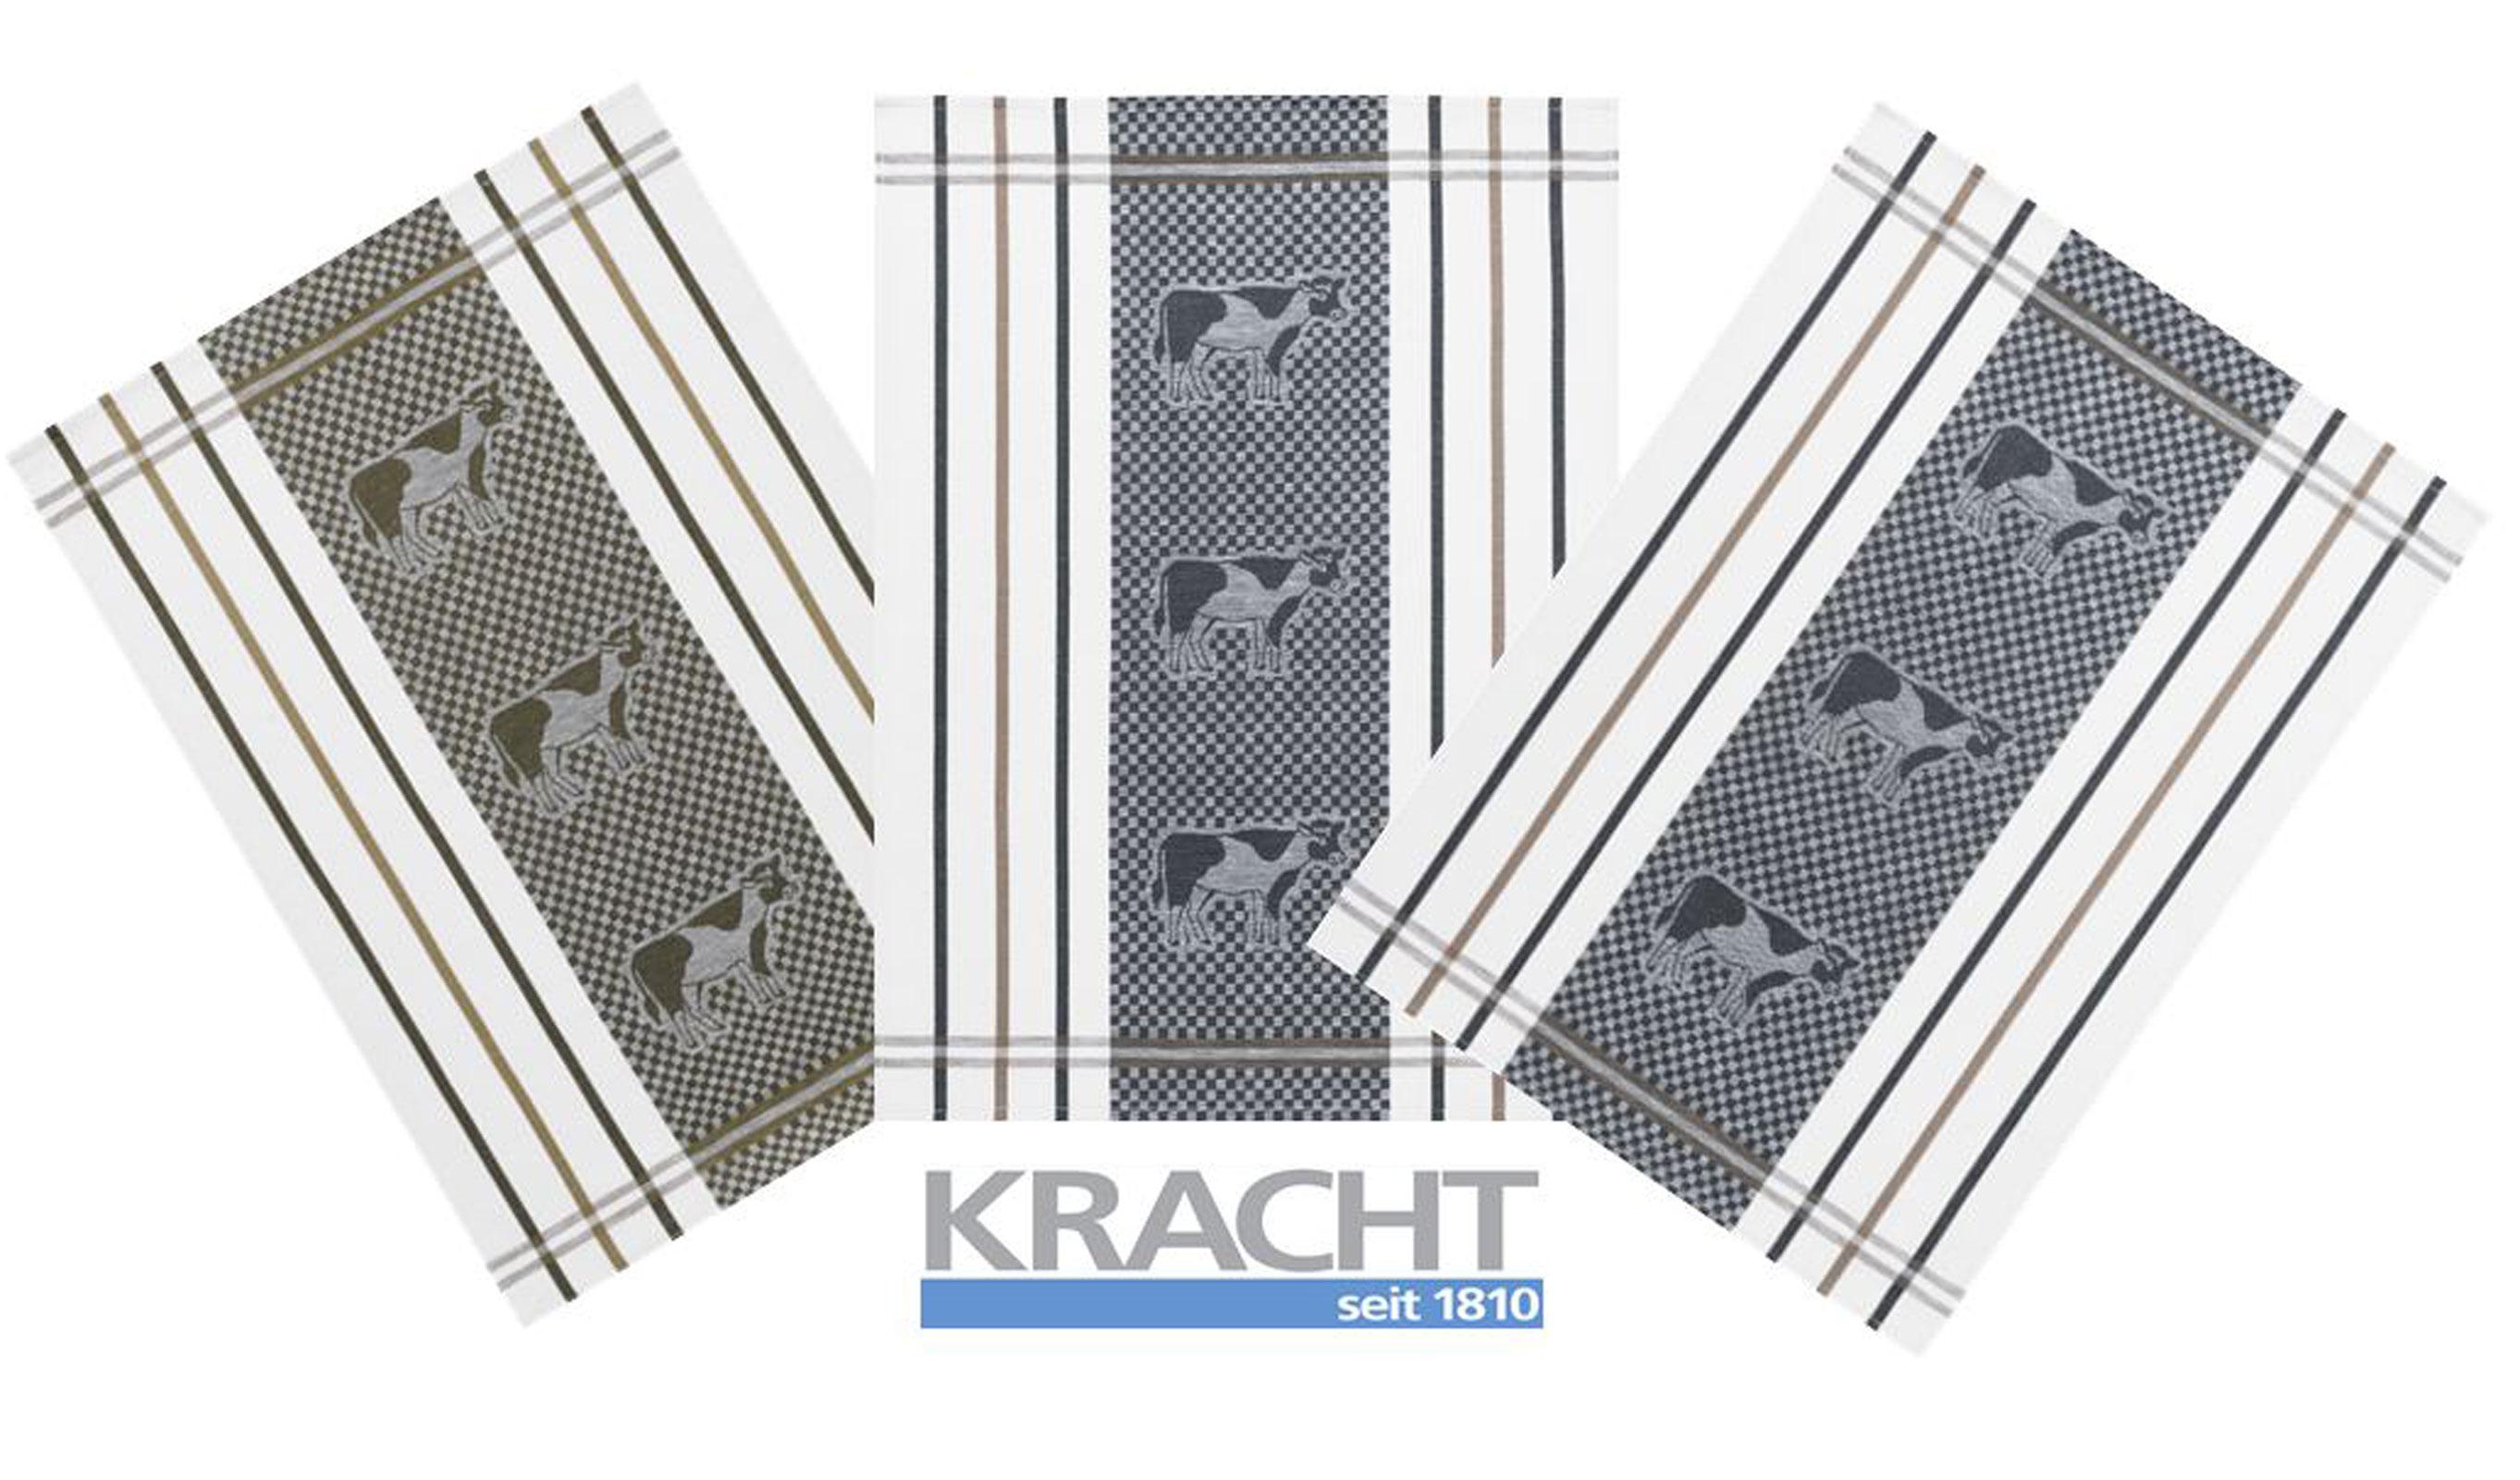 Küchentextilien - 3er Pack Kracht Halbleinen Geschirrtuch 50x70 Kühe 2 406  - Onlineshop PremiumShop321